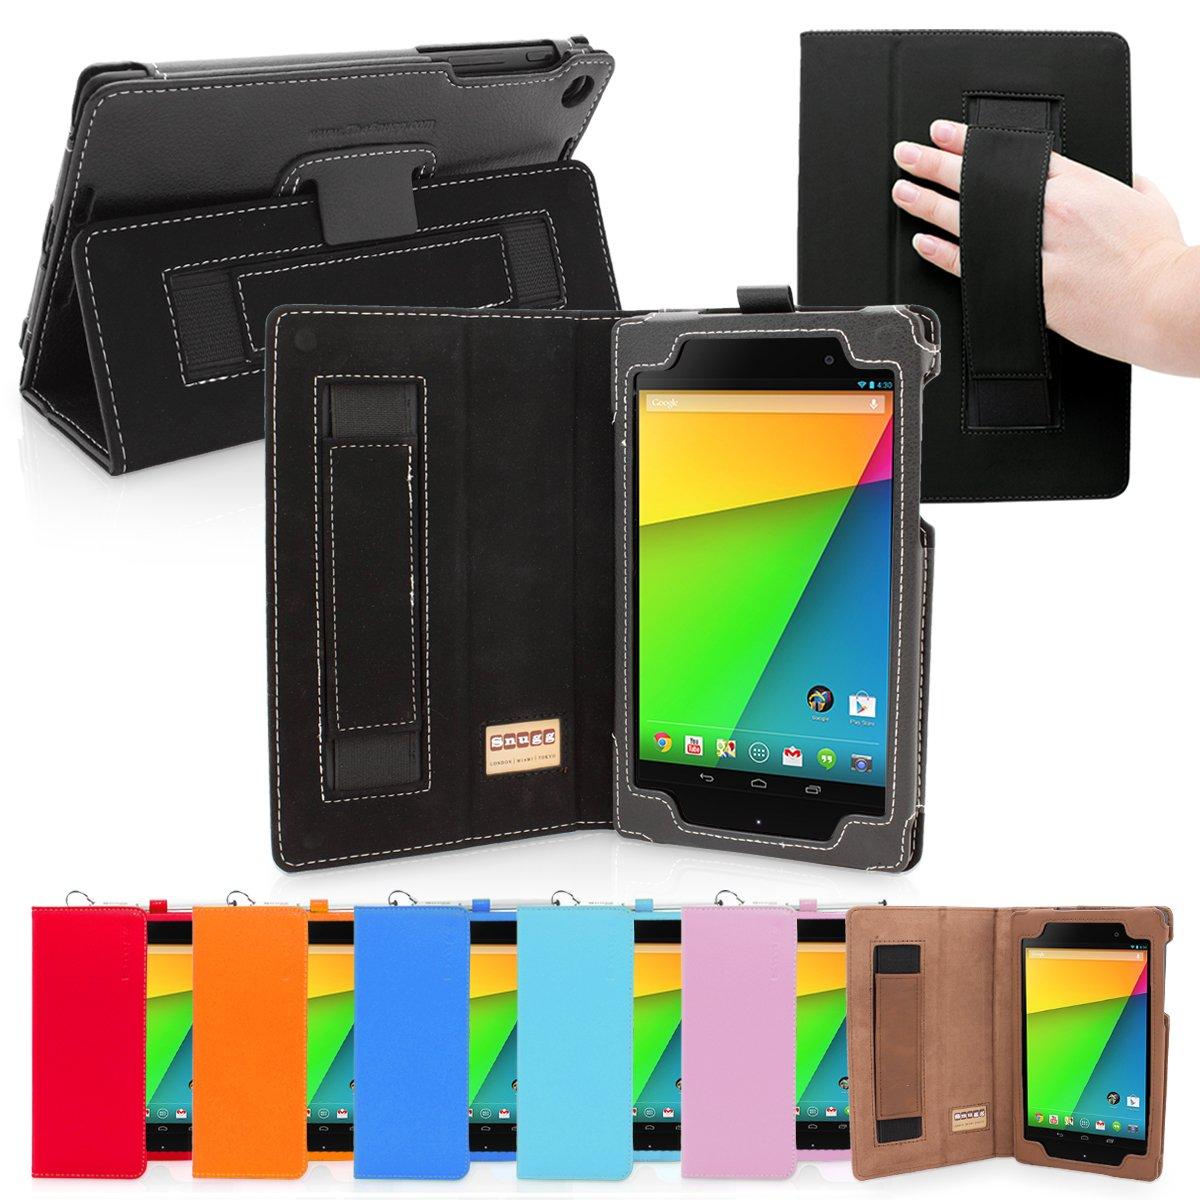 Snugg Nexus 7 FHD 2 Cuero funda en Negro, Funda con soporte plegable, correa de mano elastica, lazo para el lapiz stylus y un interior de fibra Nubuck de alta calidad, Automaticamente despierta y se pone a dormir Google Nexus 7 2.  Electrónica Comentarios y descripción más